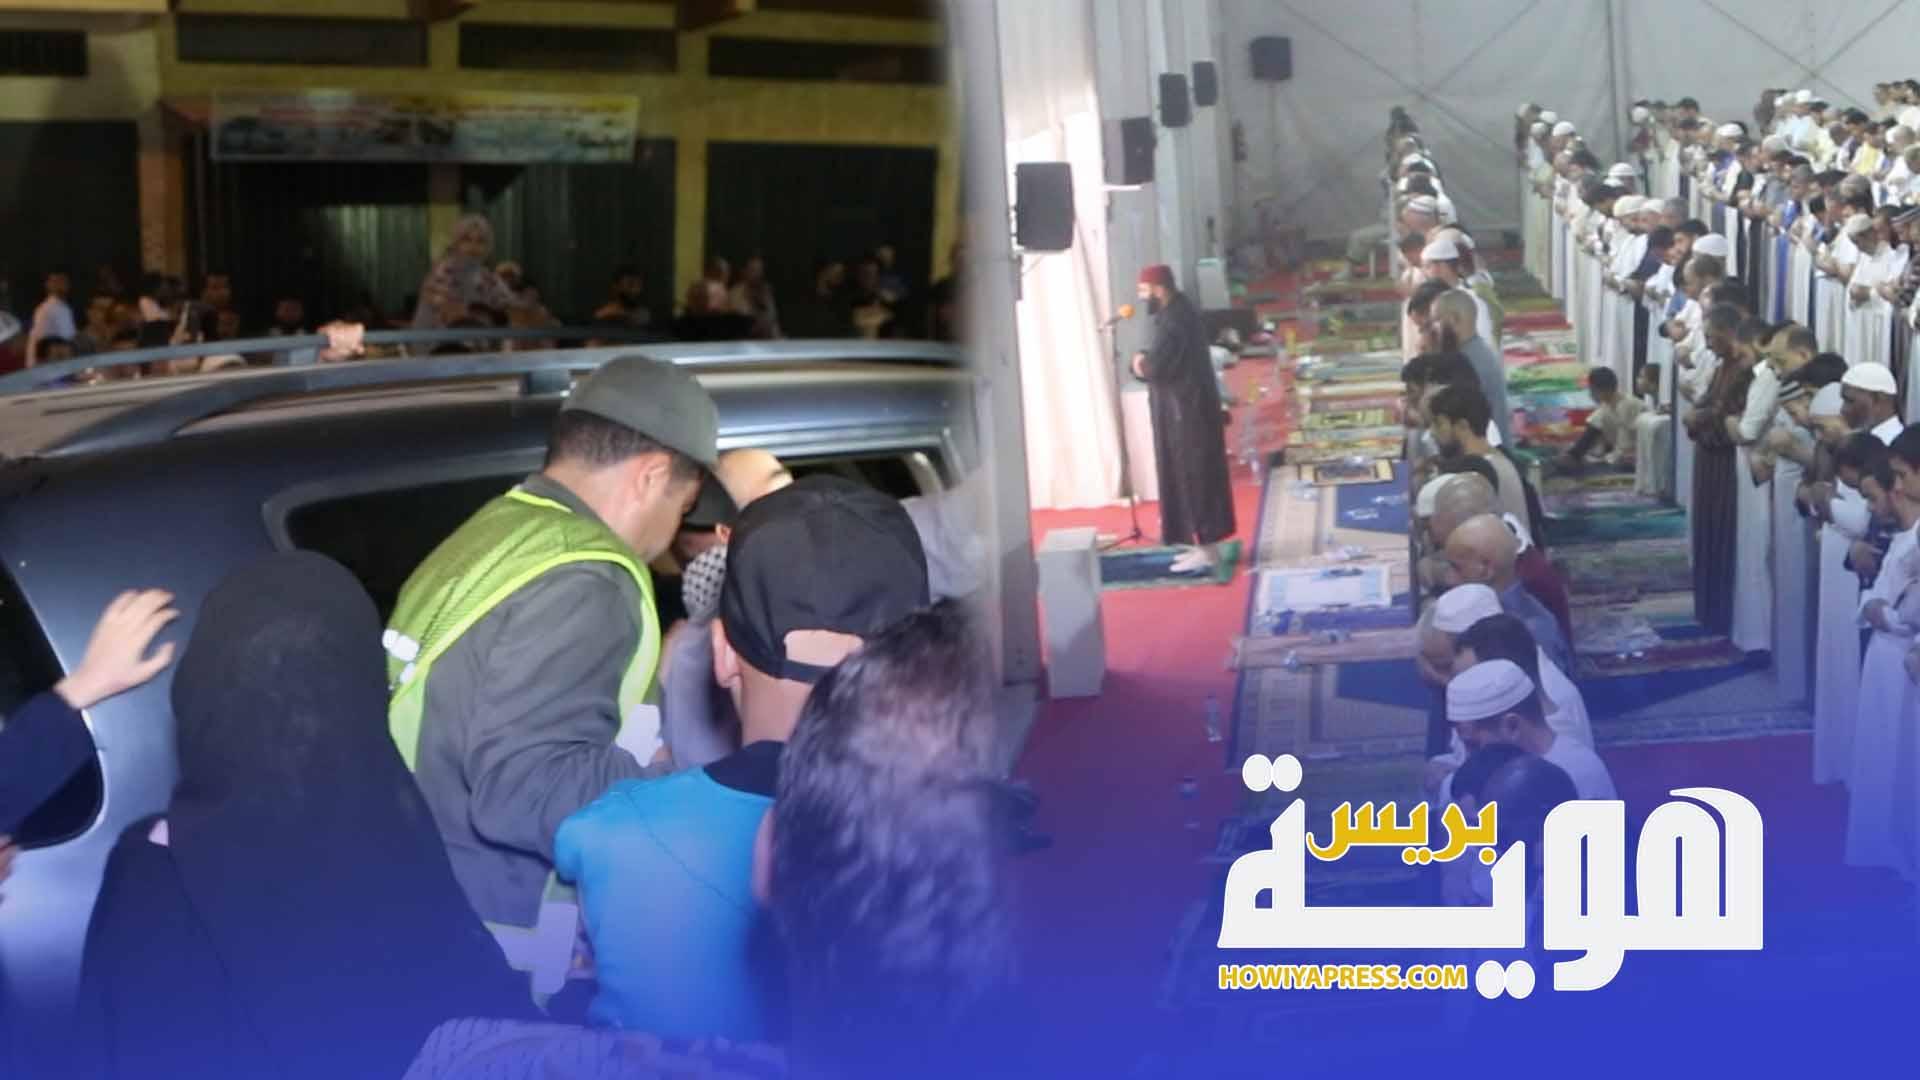 شاهد لحظة مغادرة الشيخ الكرعاني لمصلى التراويح بحي الإنبعاث واحتفاء الناس به